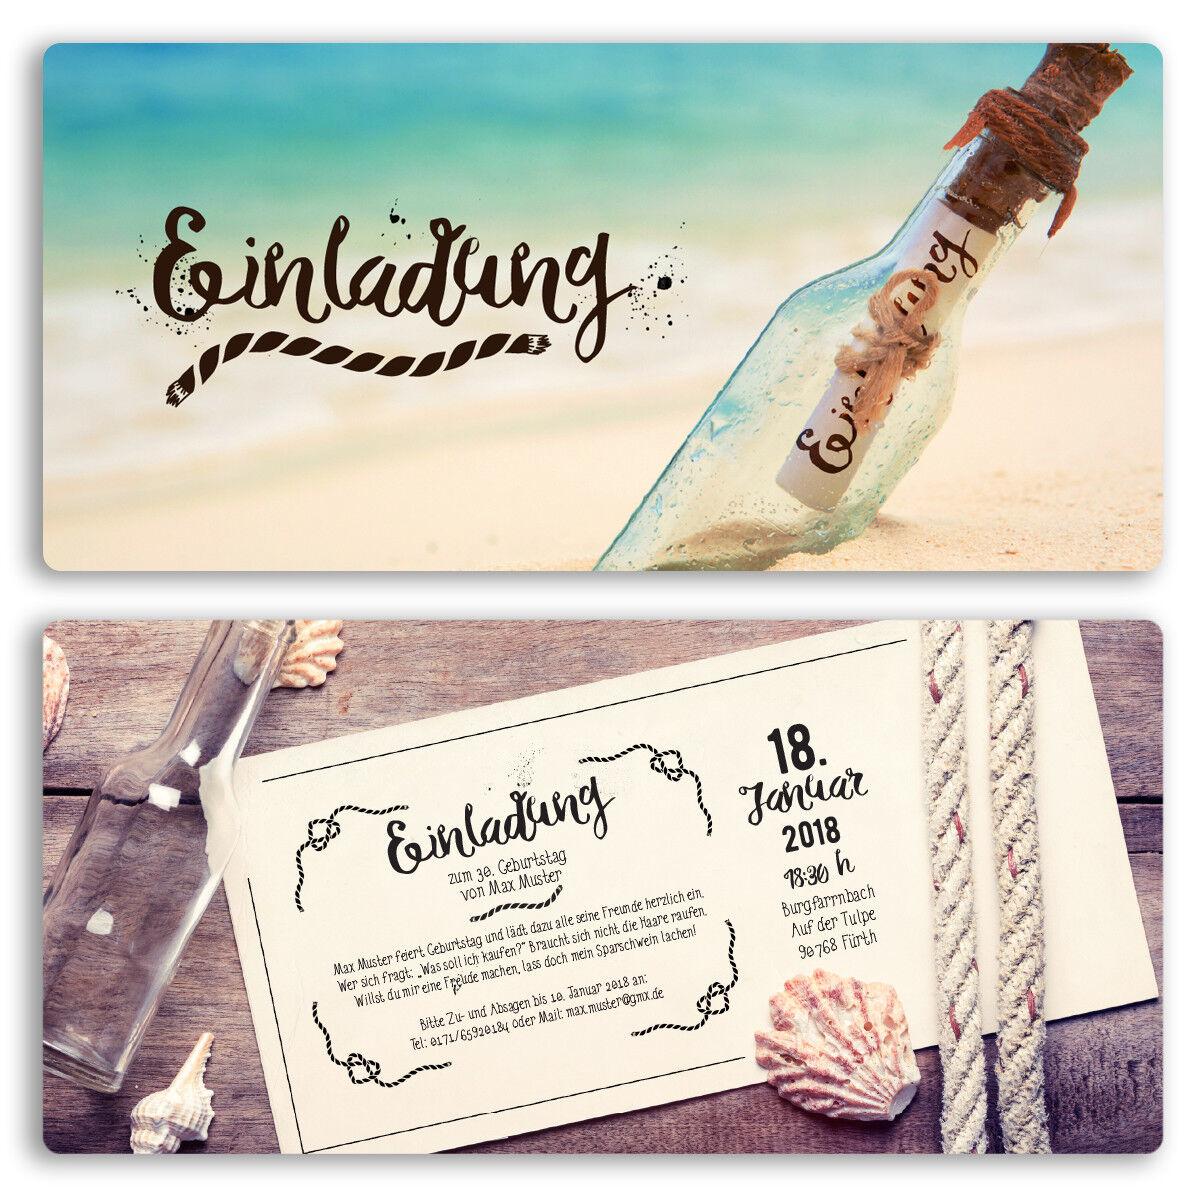 Einladungen zum Geburtstag Flaschenpost Flasche Brief Post Karte Einladung   | Haben Wir Lob Von Kunden Gewonnen  | Helle Farben